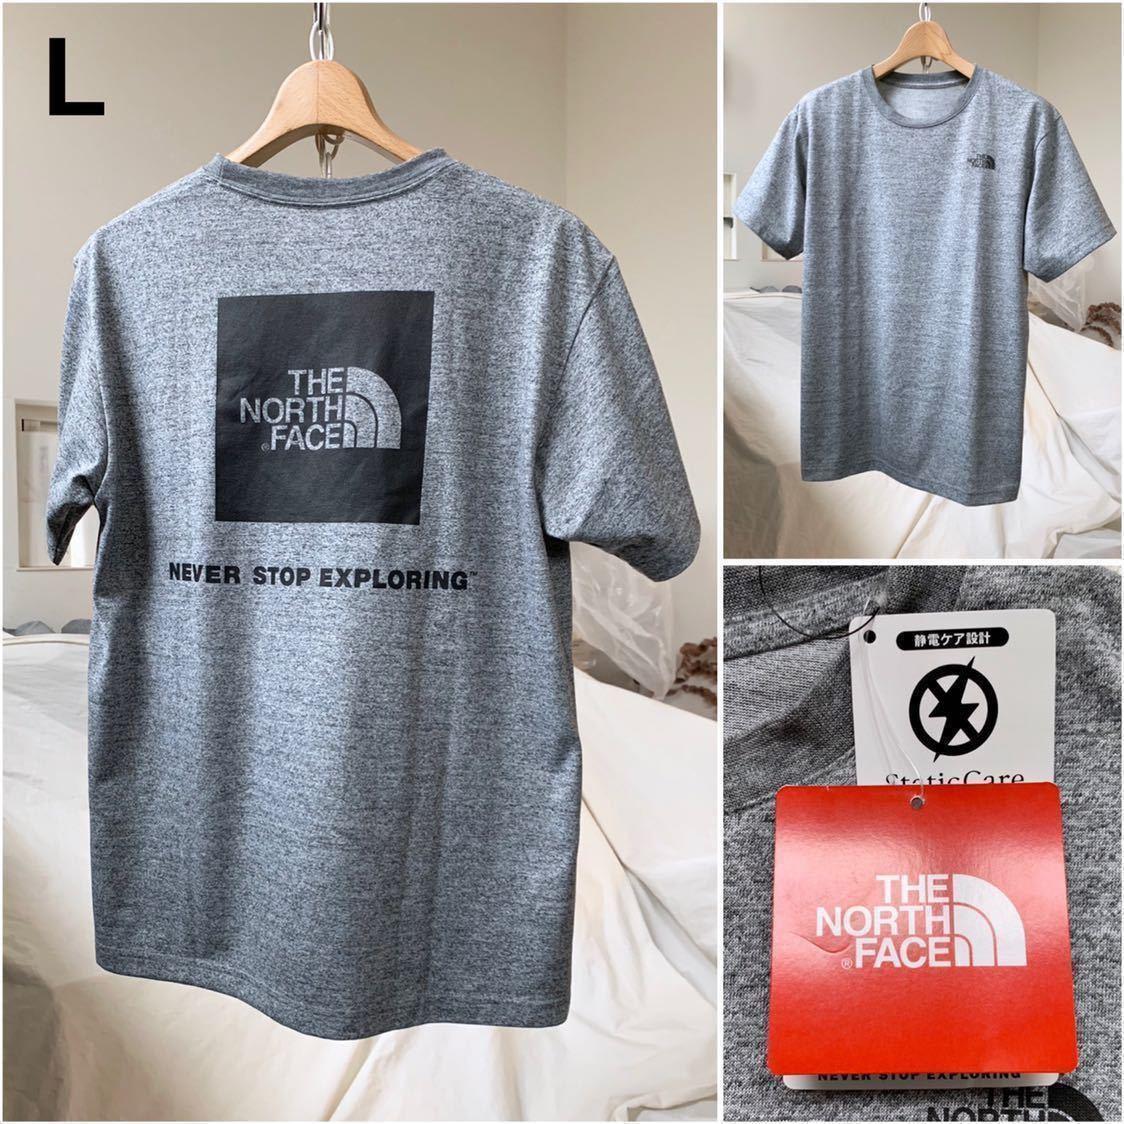 新品正規 ノースフェイス スクエア ロゴ Tシャツ L ミックス グレー THE NORTH FACE S/S Square Logo Tee メンズ NT31957 2019ss